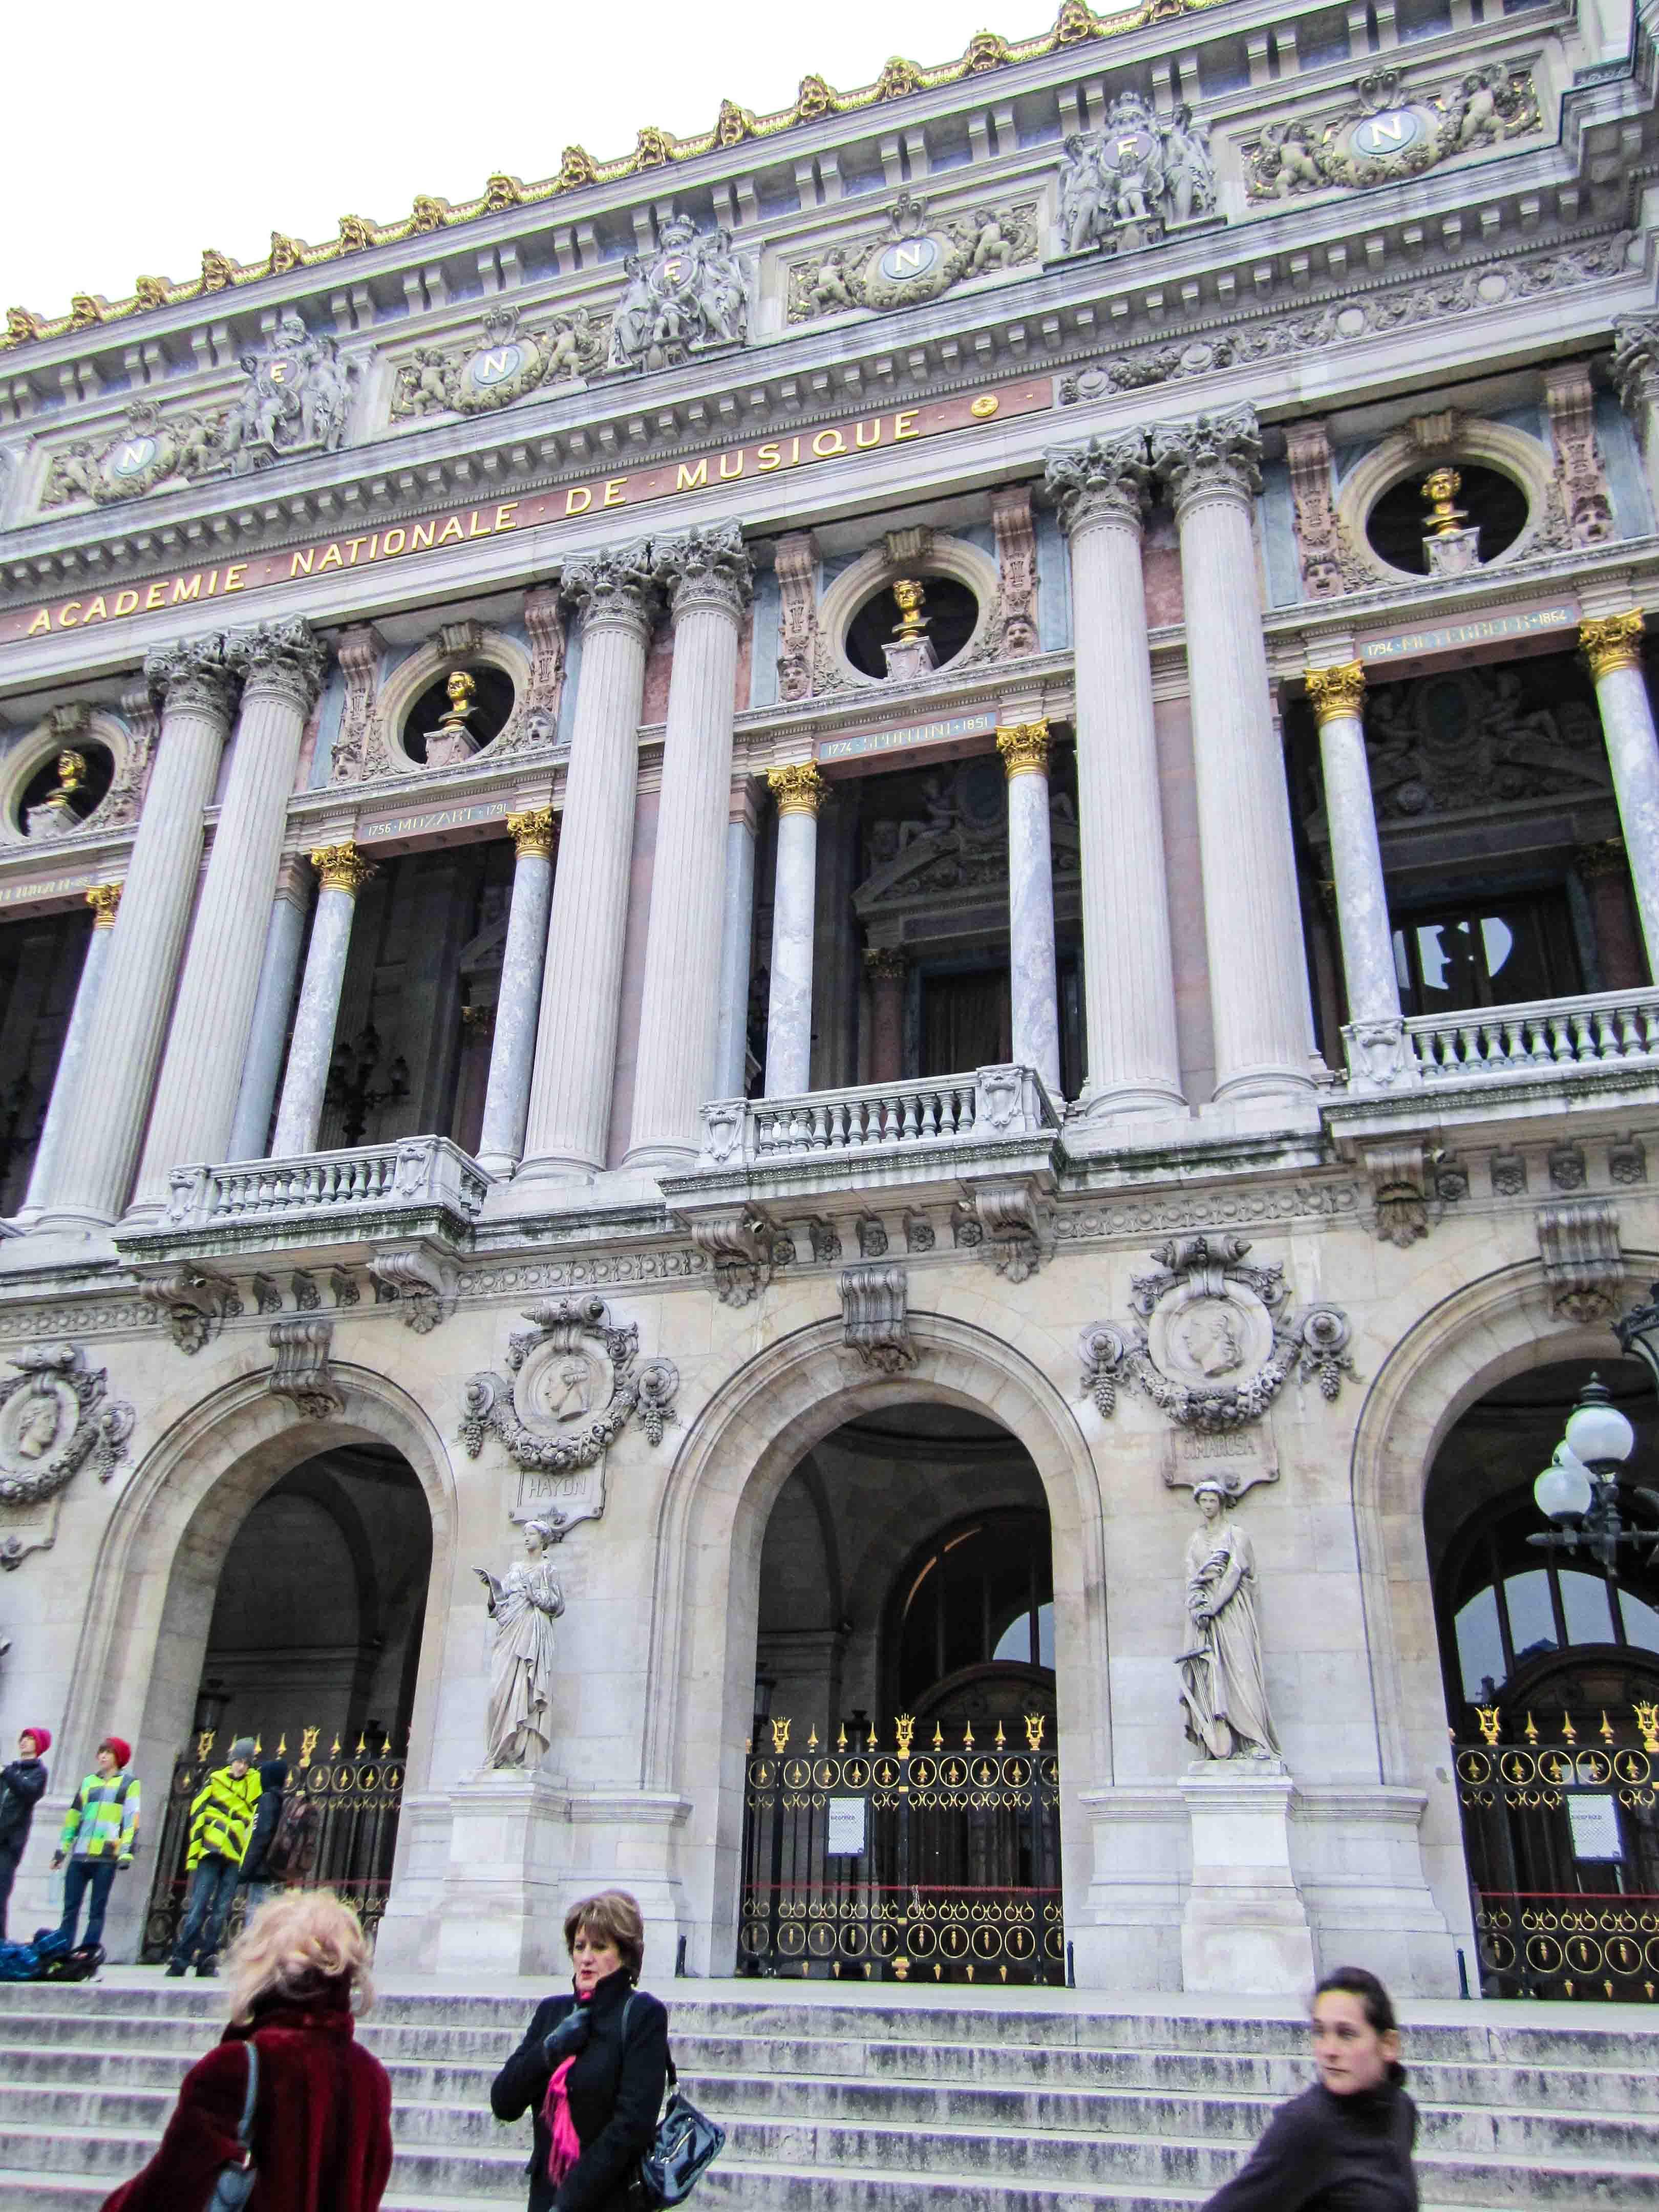 【フランス旅行】パリ オペラ座 ガルニエ宮に近寄る